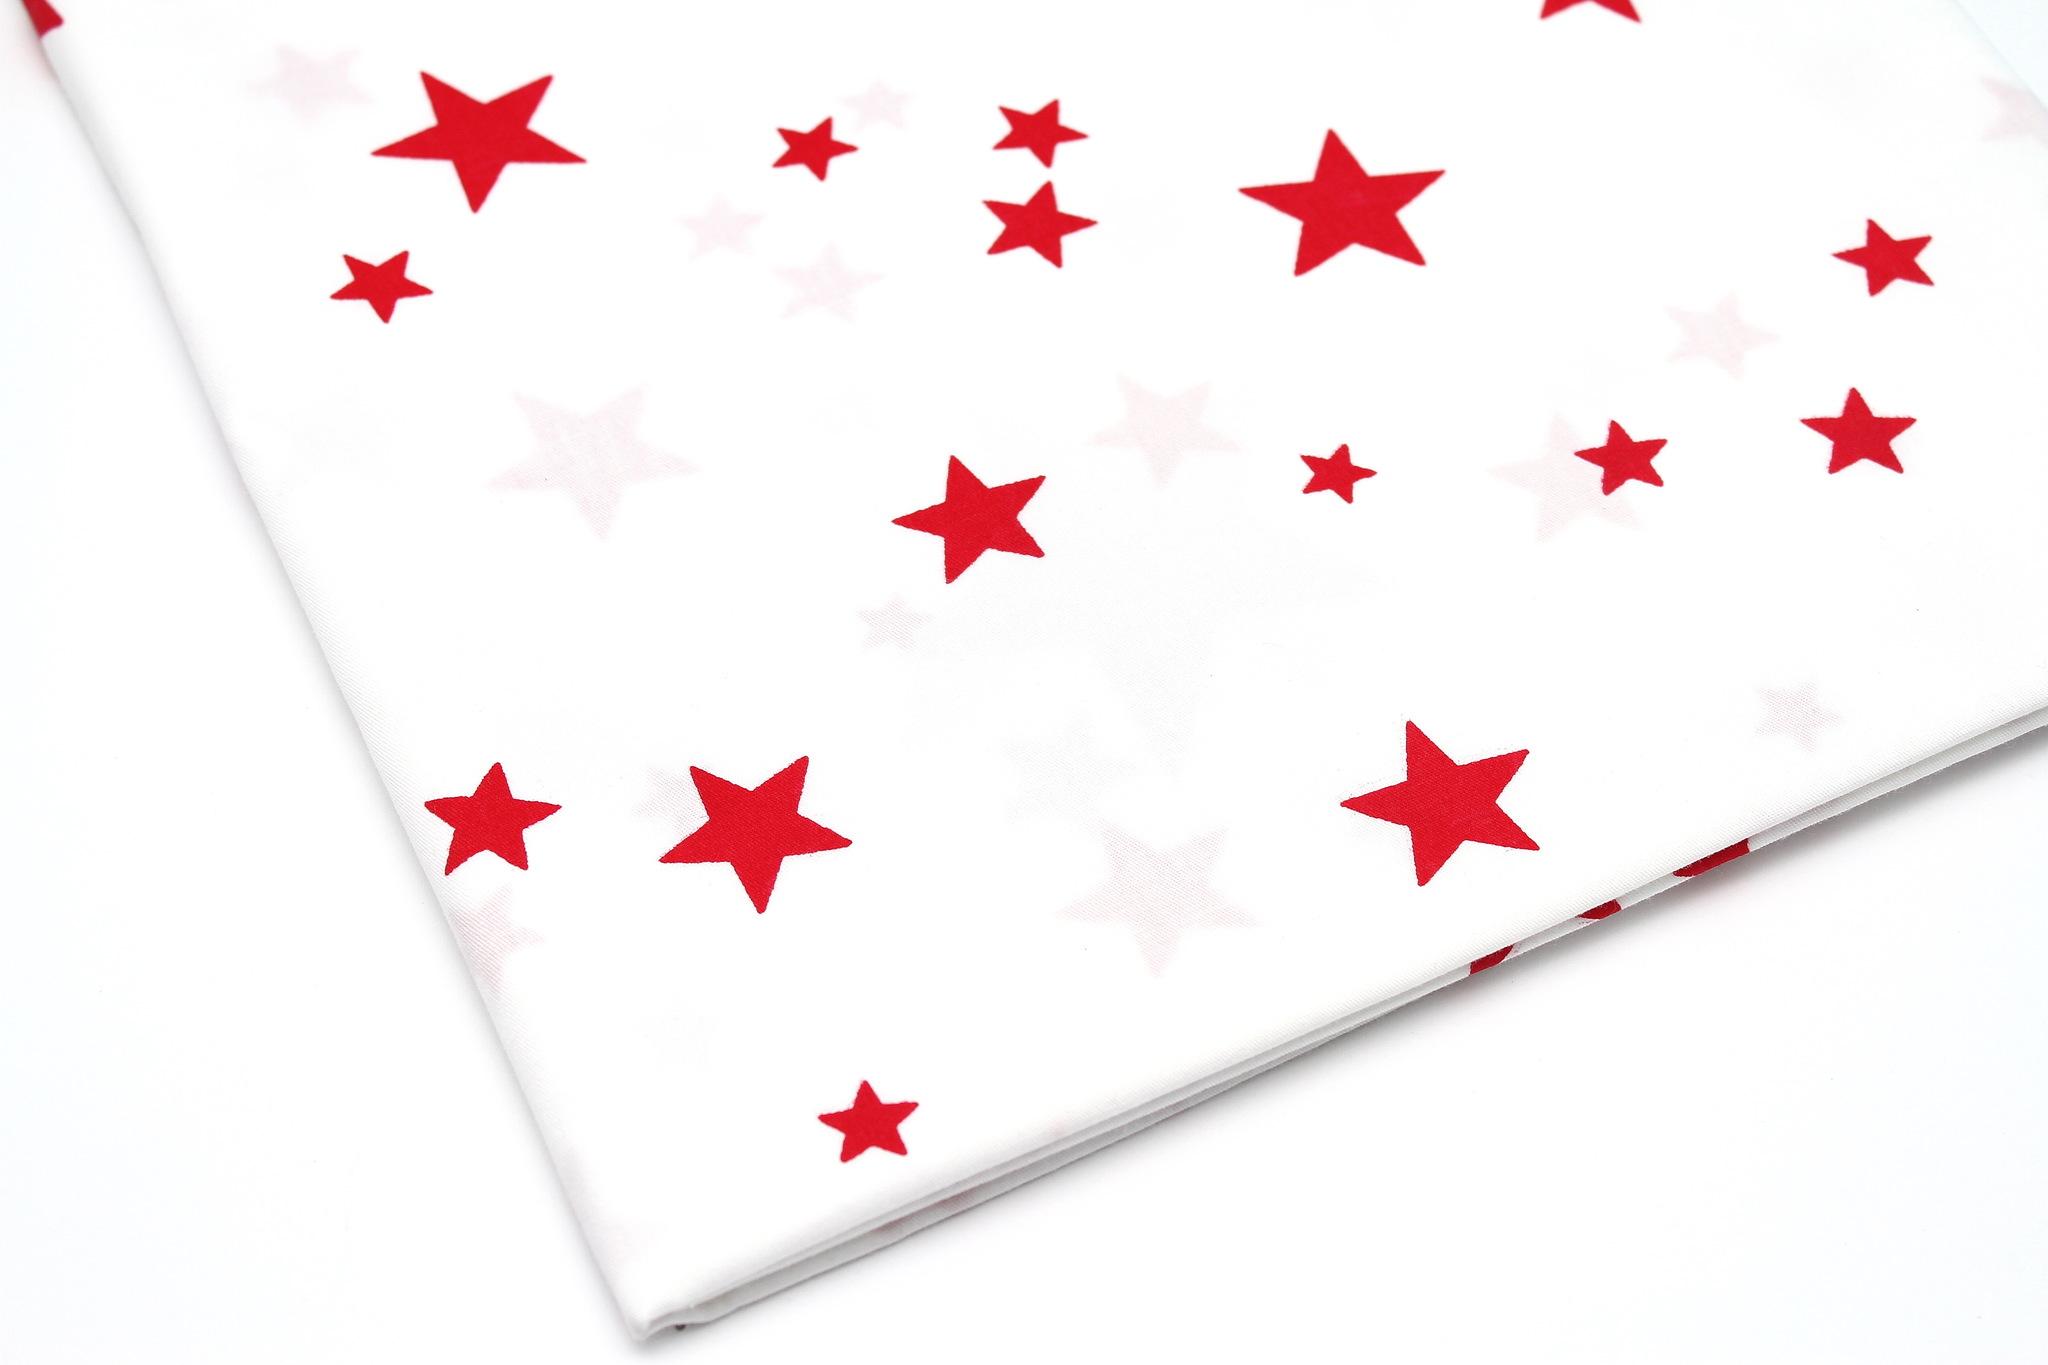 Звезды красные на белом